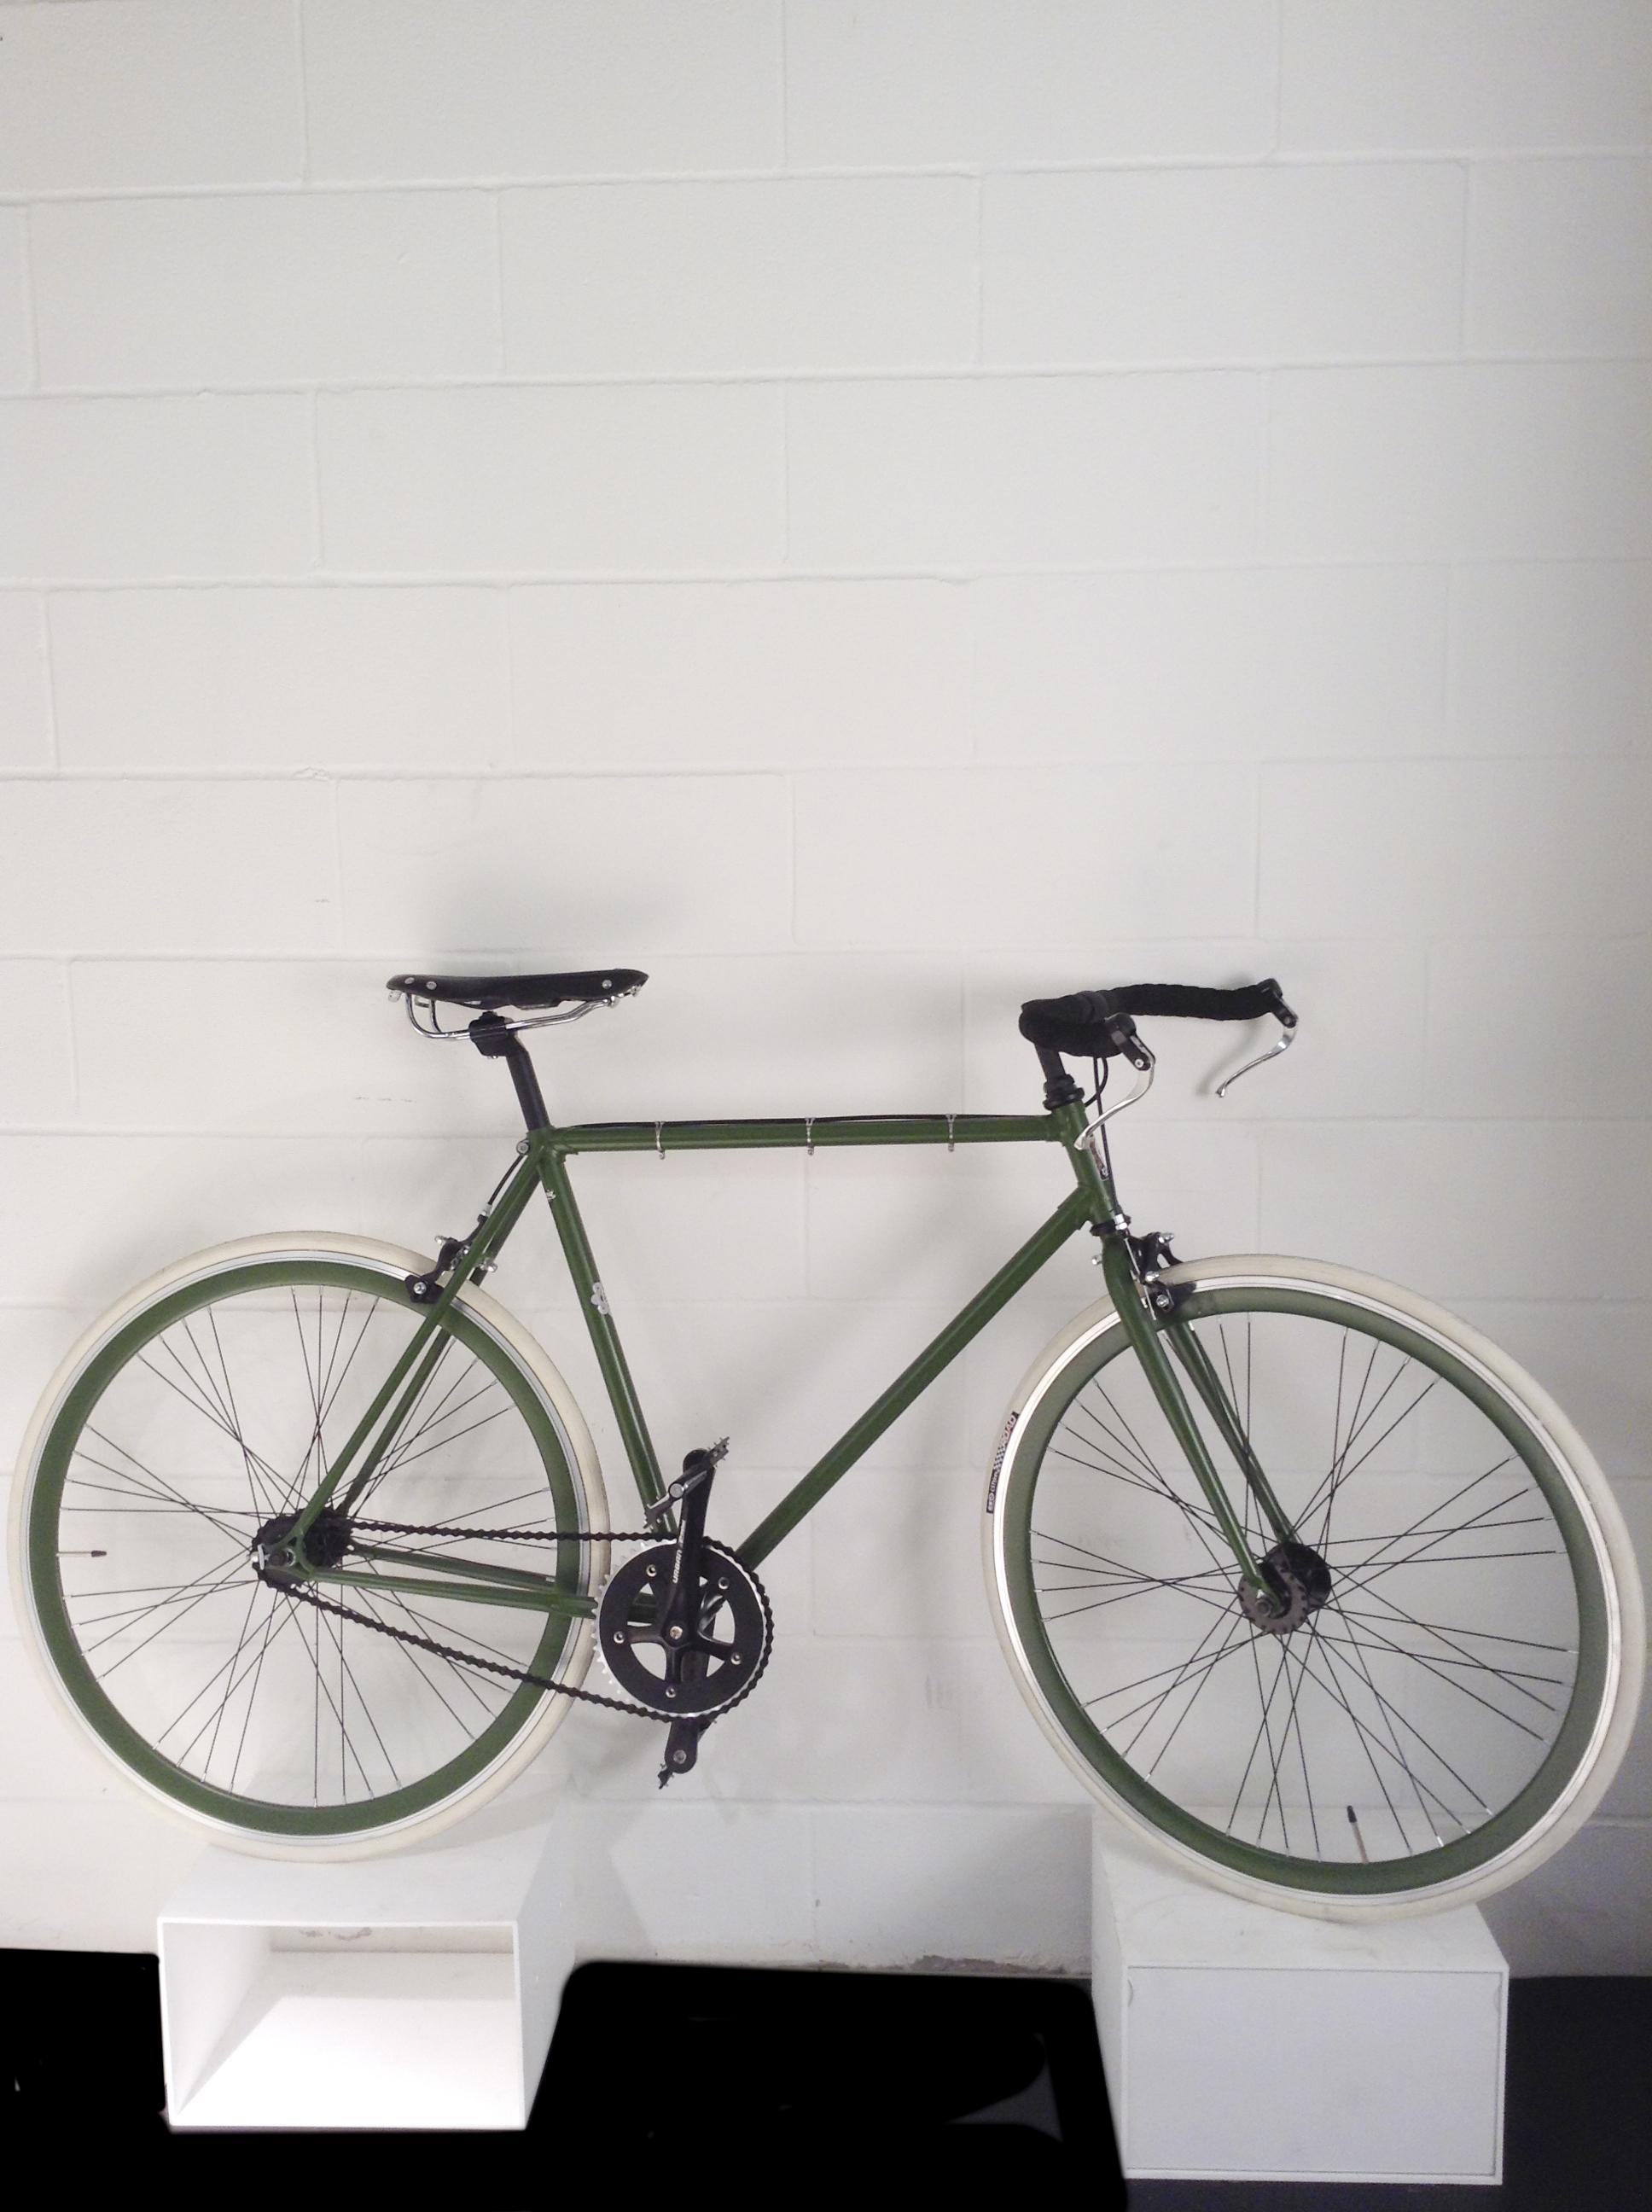 bici-scattofisso-eroica2